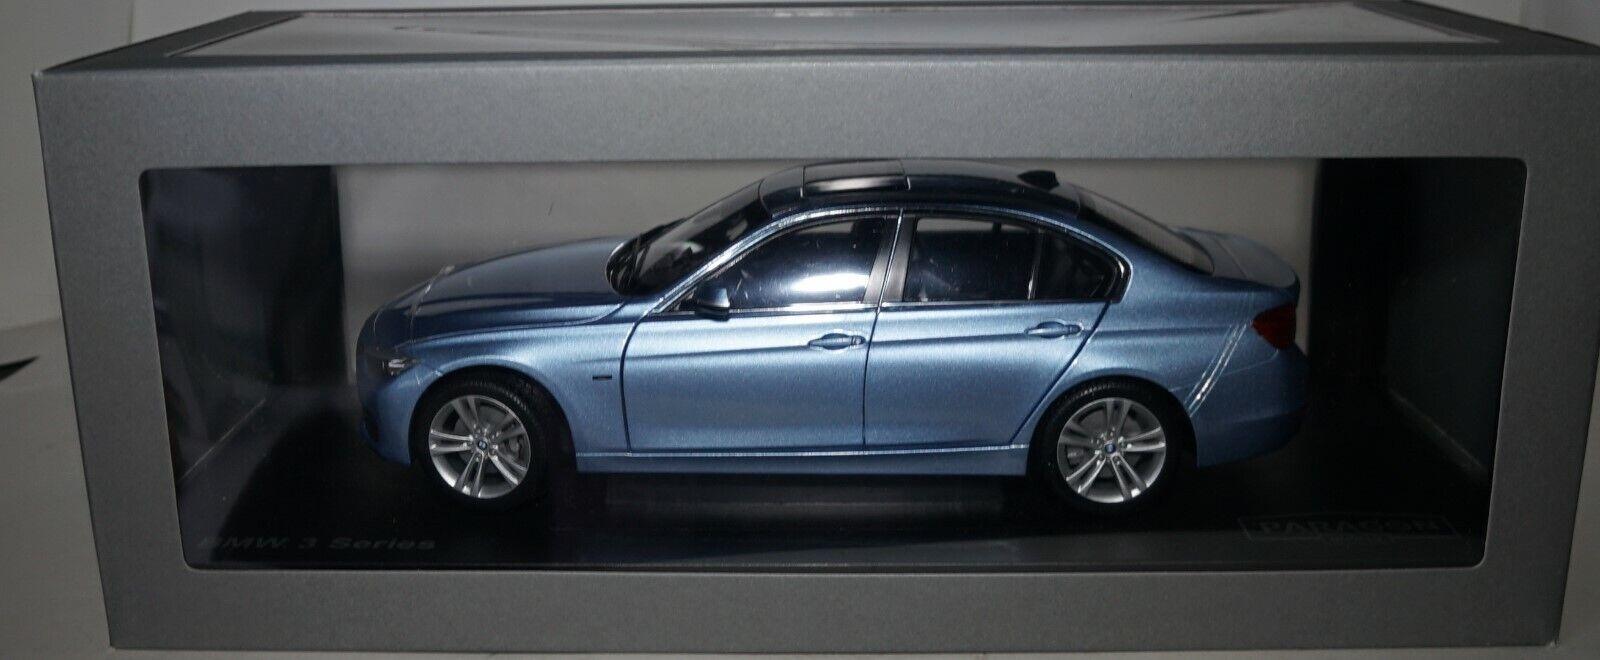 Paragon PA-97026 BMW 3er (F30) 2012 bleu métallisé, modèle de voiture 1 18